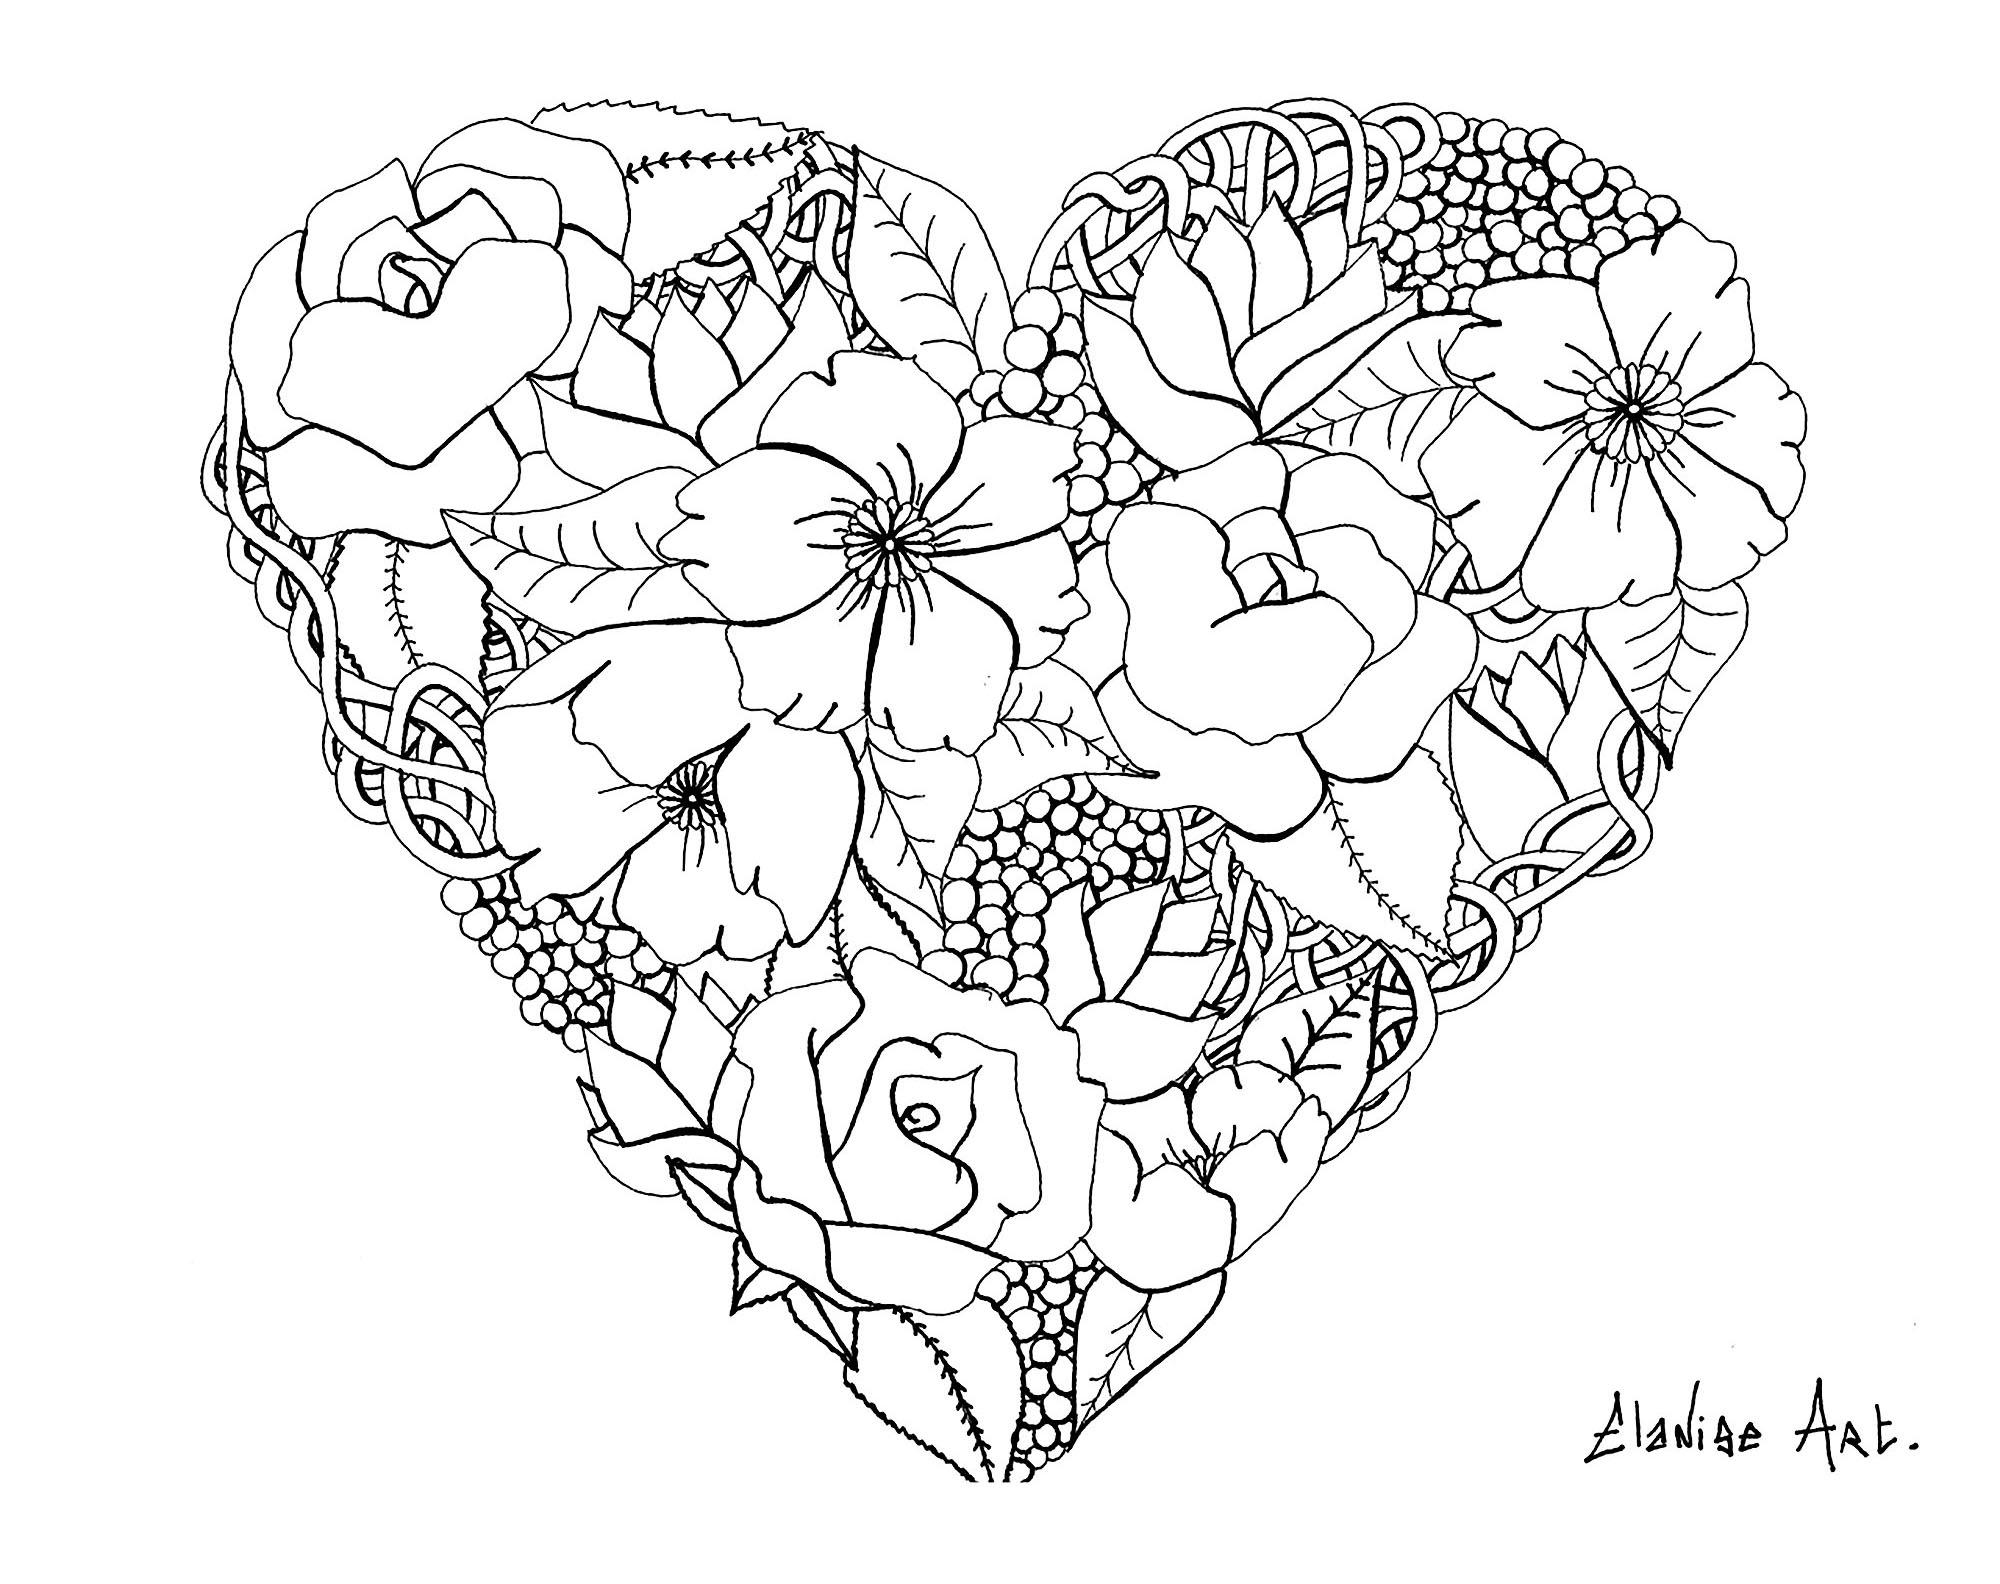 Mandala to print elanise art flowers in a heart - Simple Mandalas ...